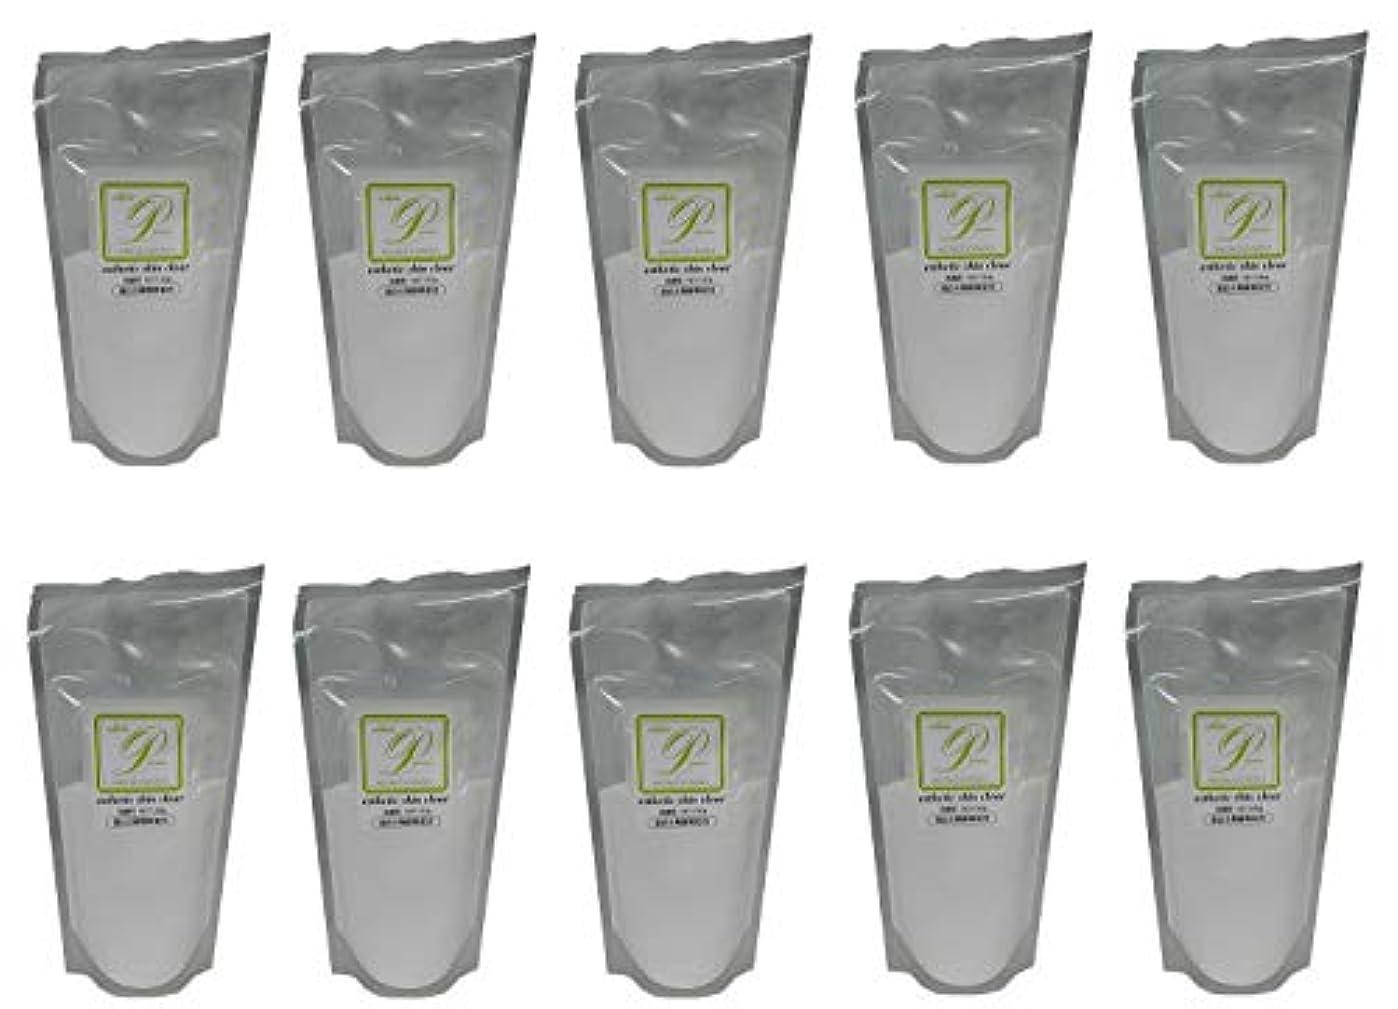 飼い慣らす確認する確認【10個セット】メロス プラスマンスキンケア 酵素 スキンクリア N 120g レフィル